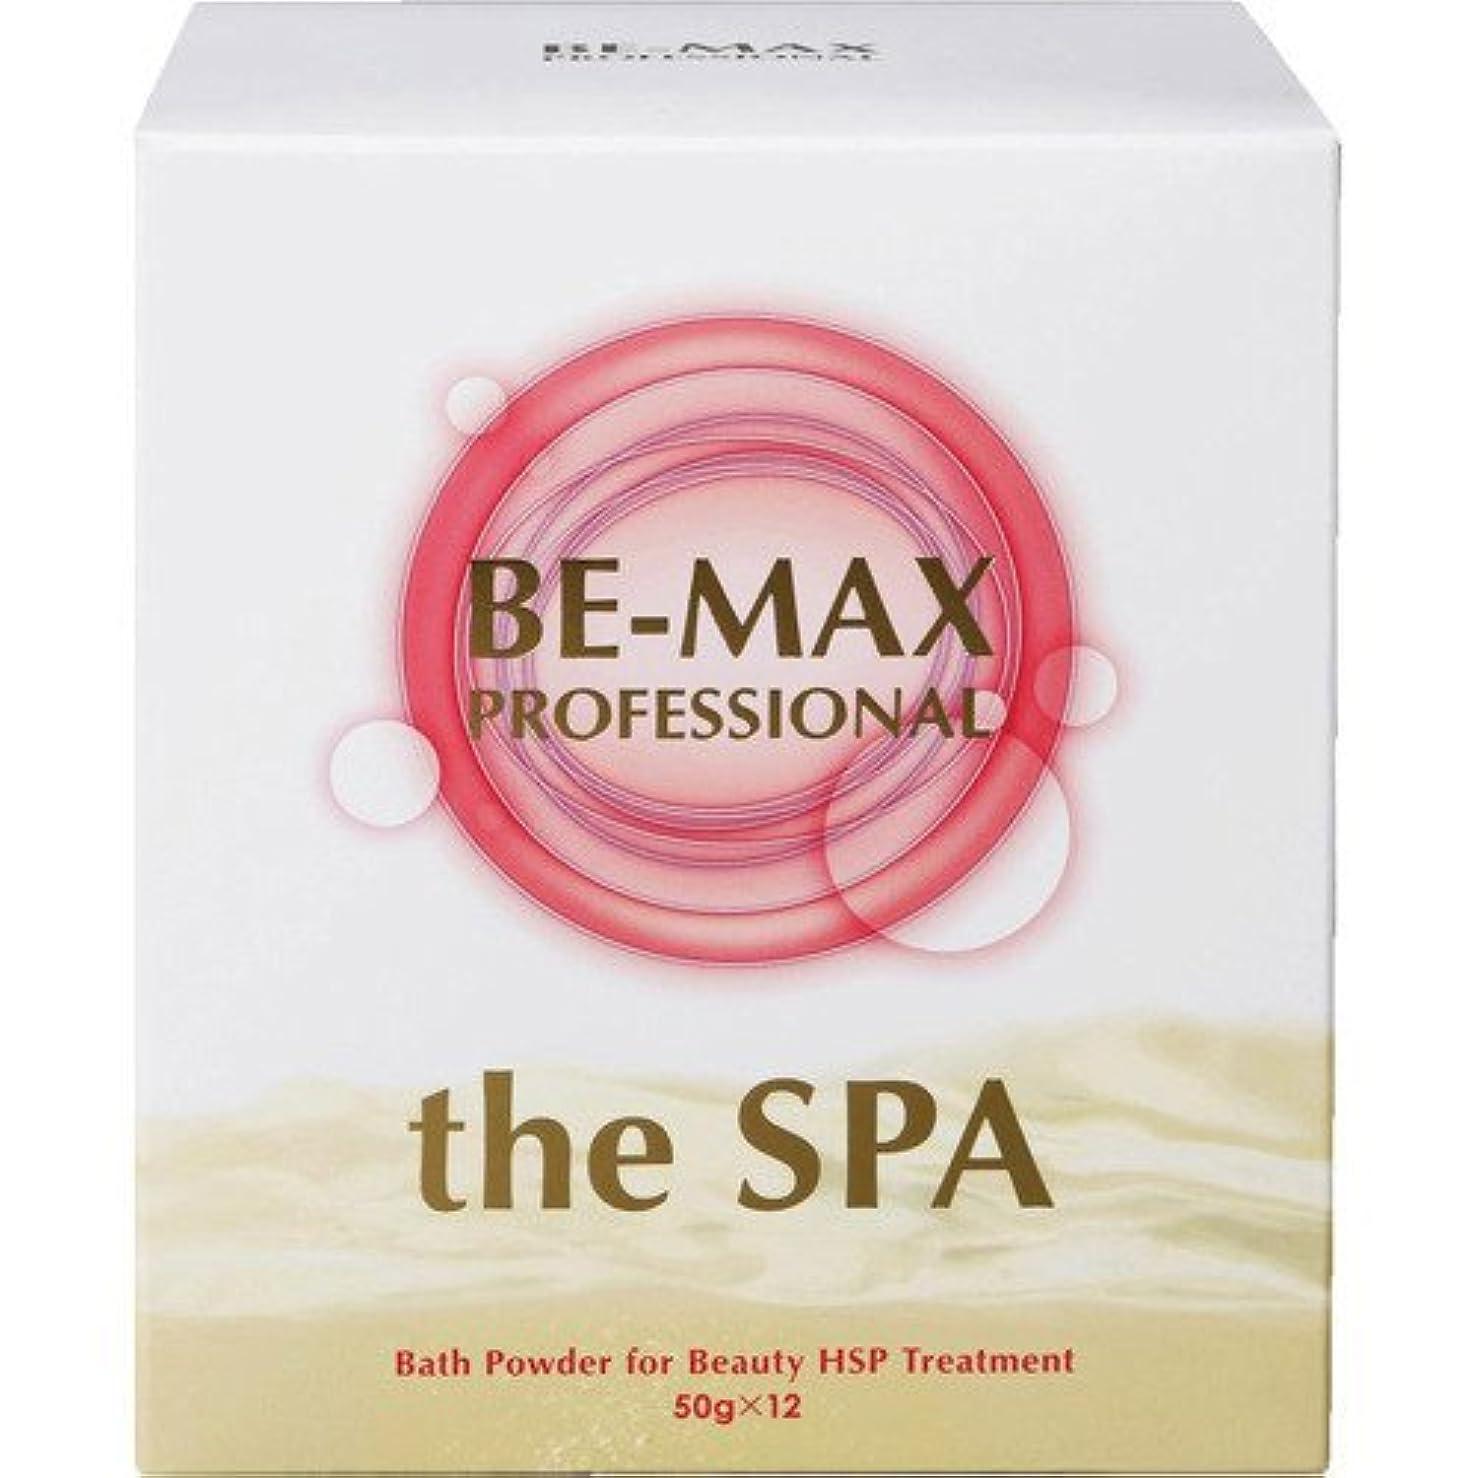 うそつきペック哲学BE-MAX PROFESSIONAL the SPA(ザ?スパ) ビーマックスプロフェッショナル ザ?スパ バスパウダー 50gx12包 (4571132621587)